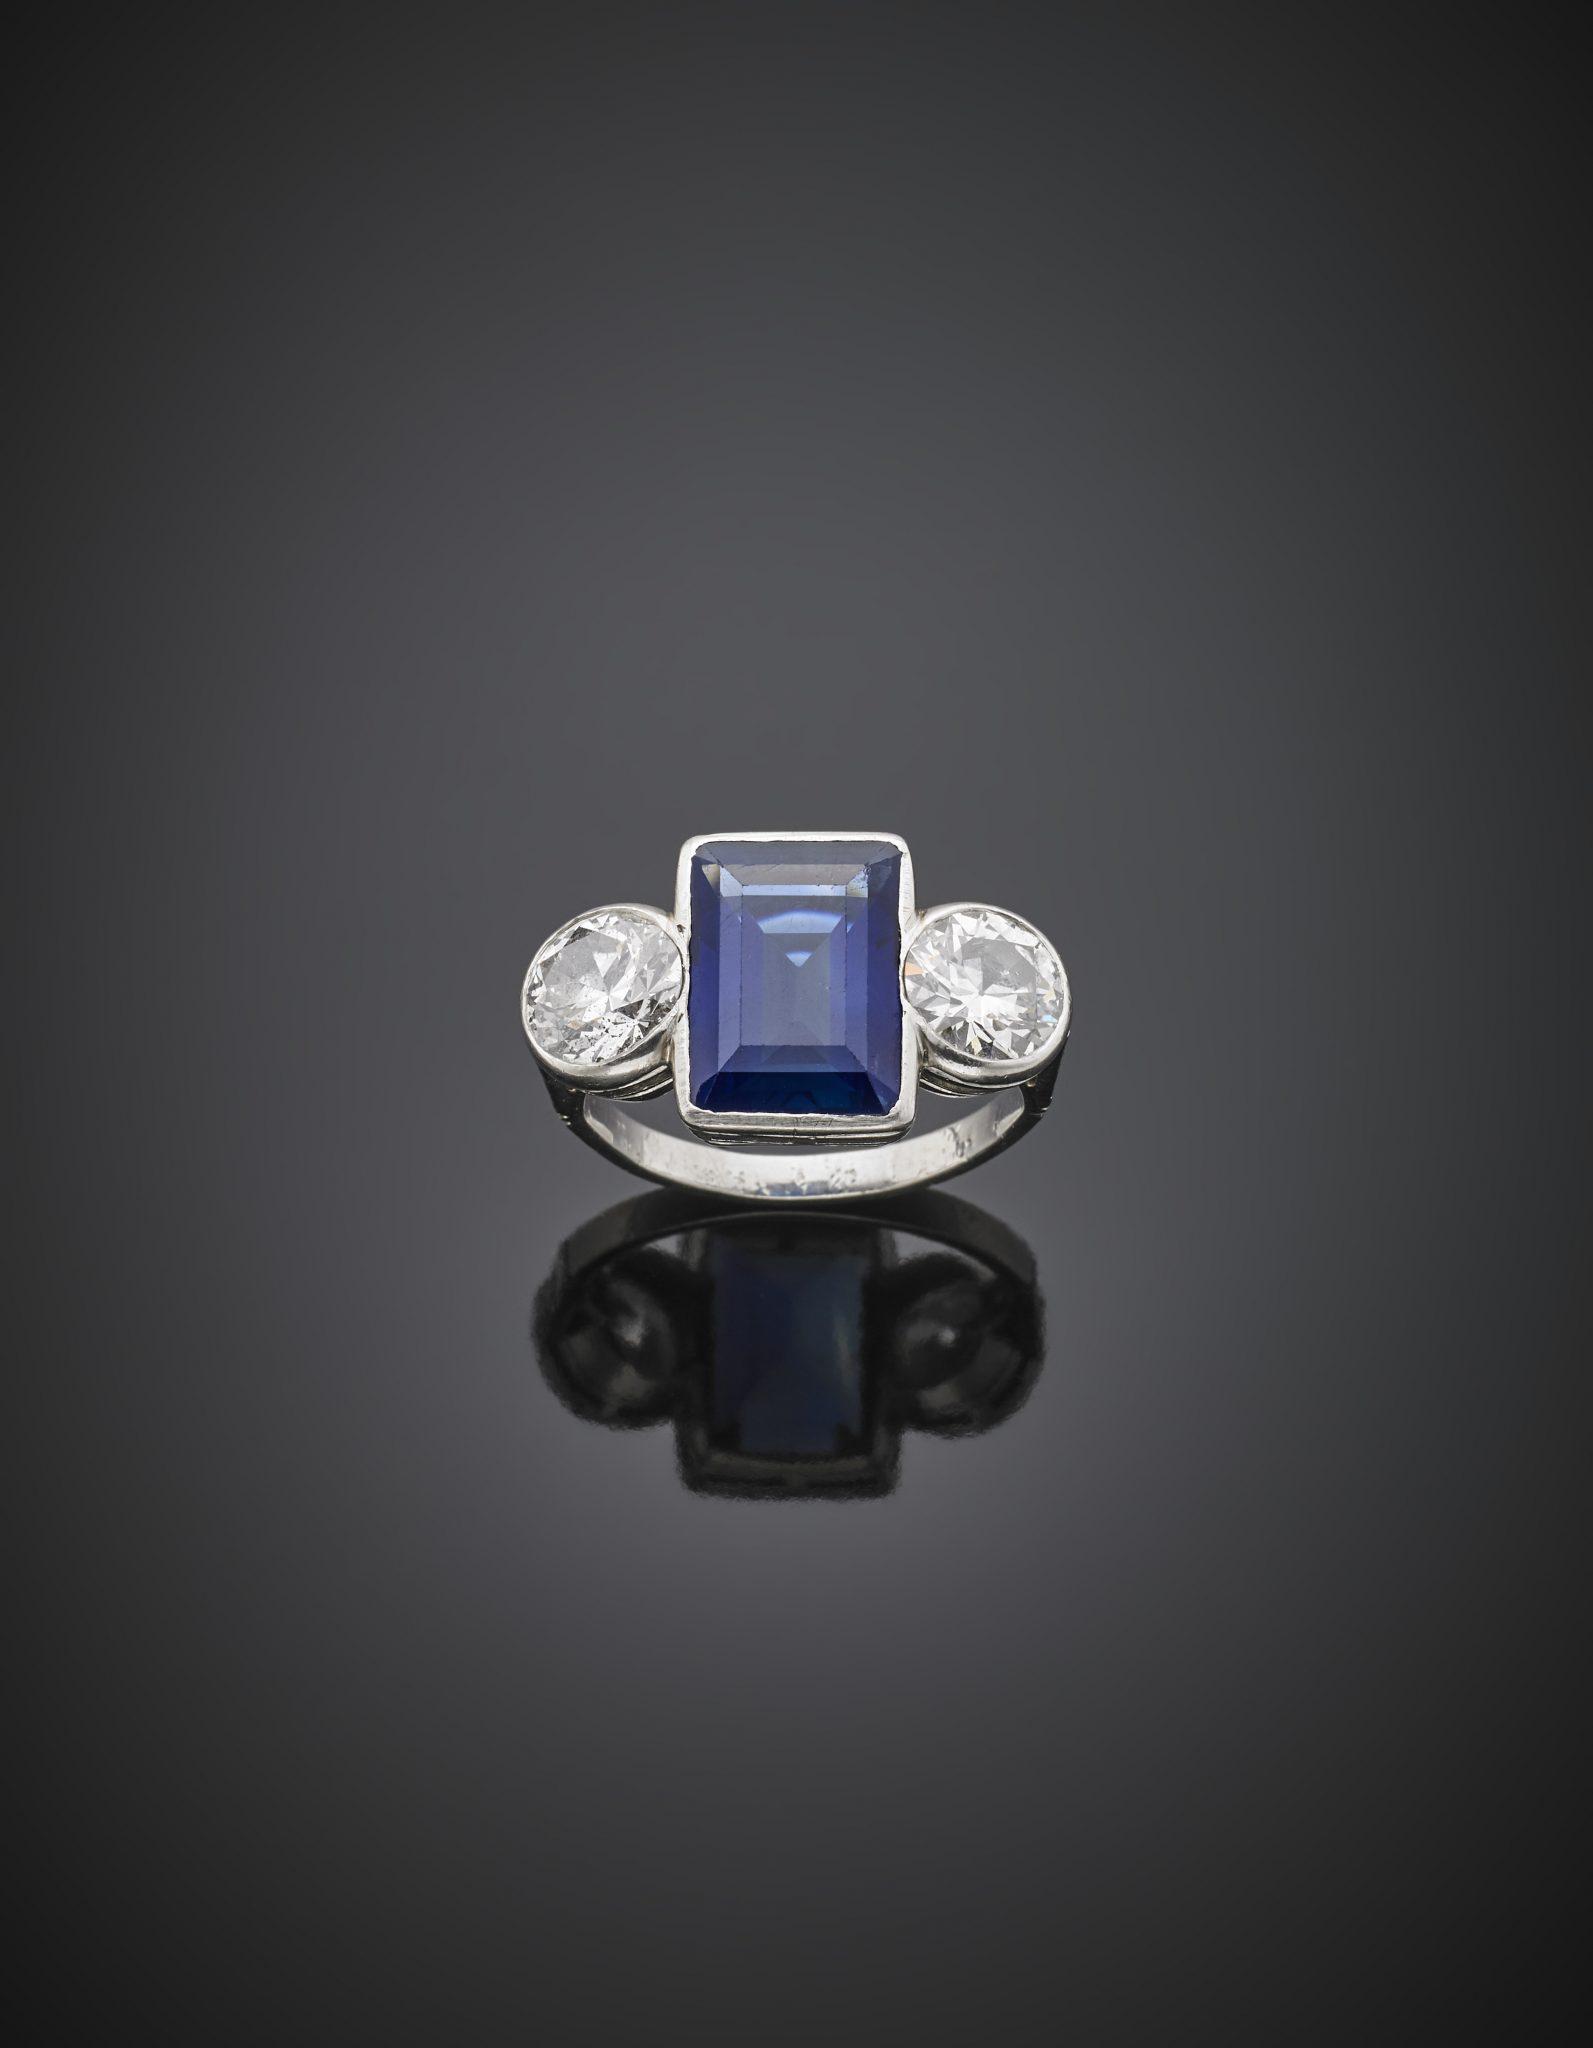 Anello in platino con due diamanti ai lati di uno zaffiro Kashmir di ct. 8,10 circa, Aggiudicazione: 275.000 €